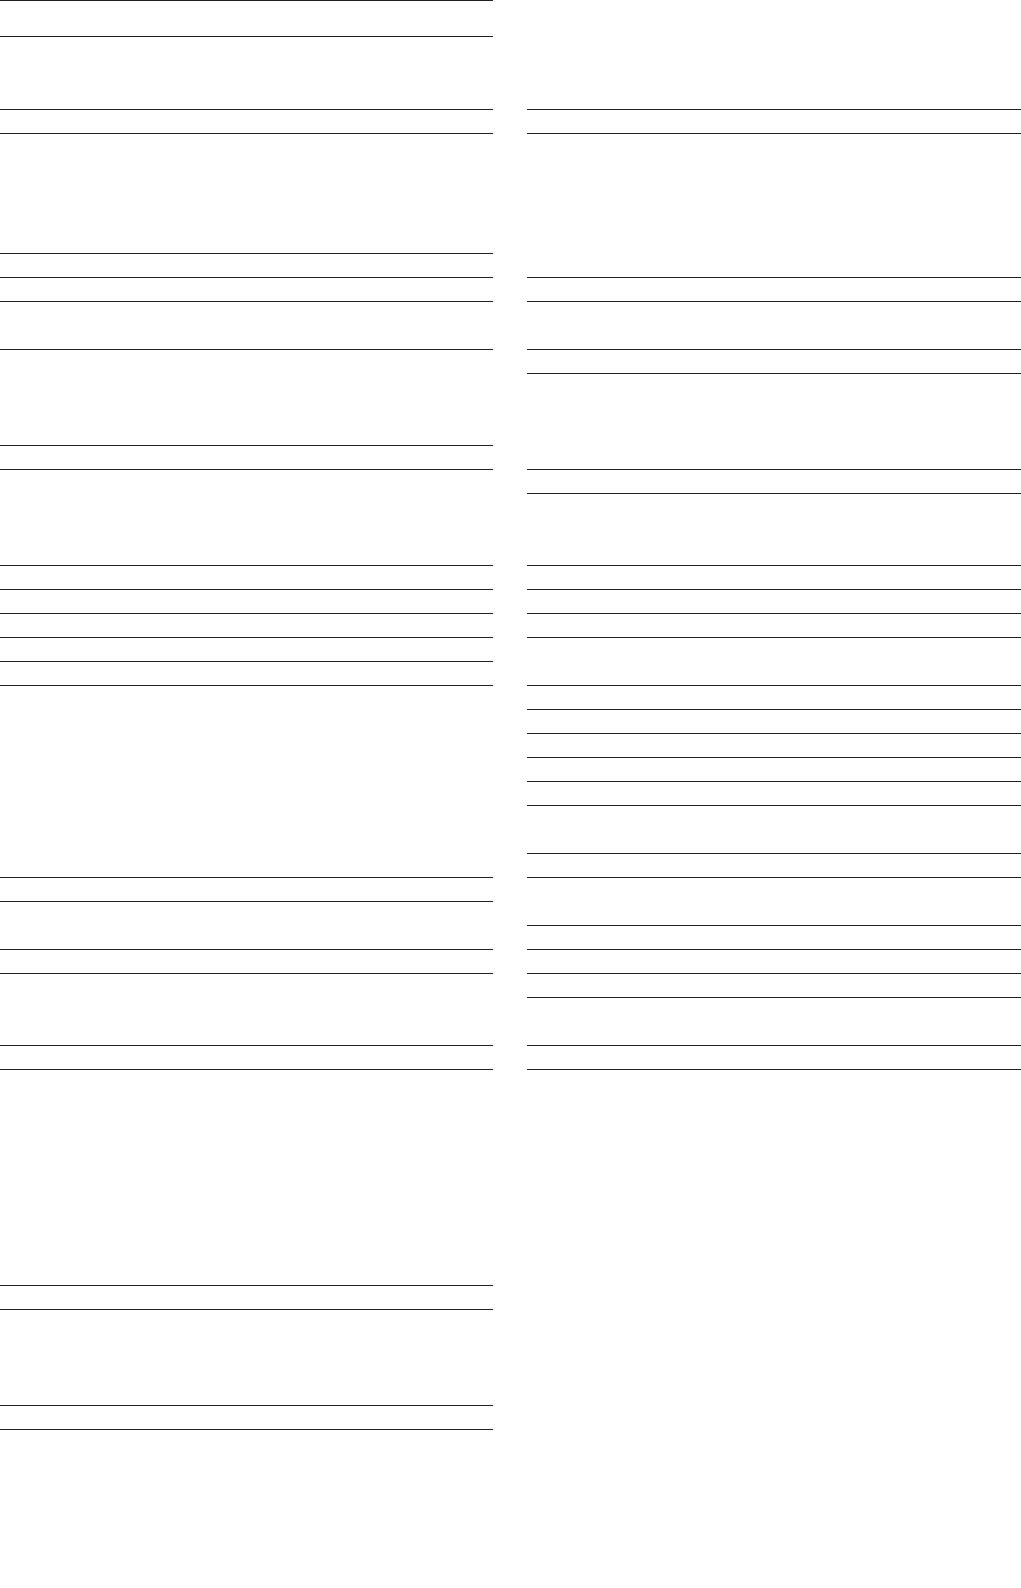 Bedienungsanleitung Gaggenau Bs 275 Seite 1 Von 56 Deutsch